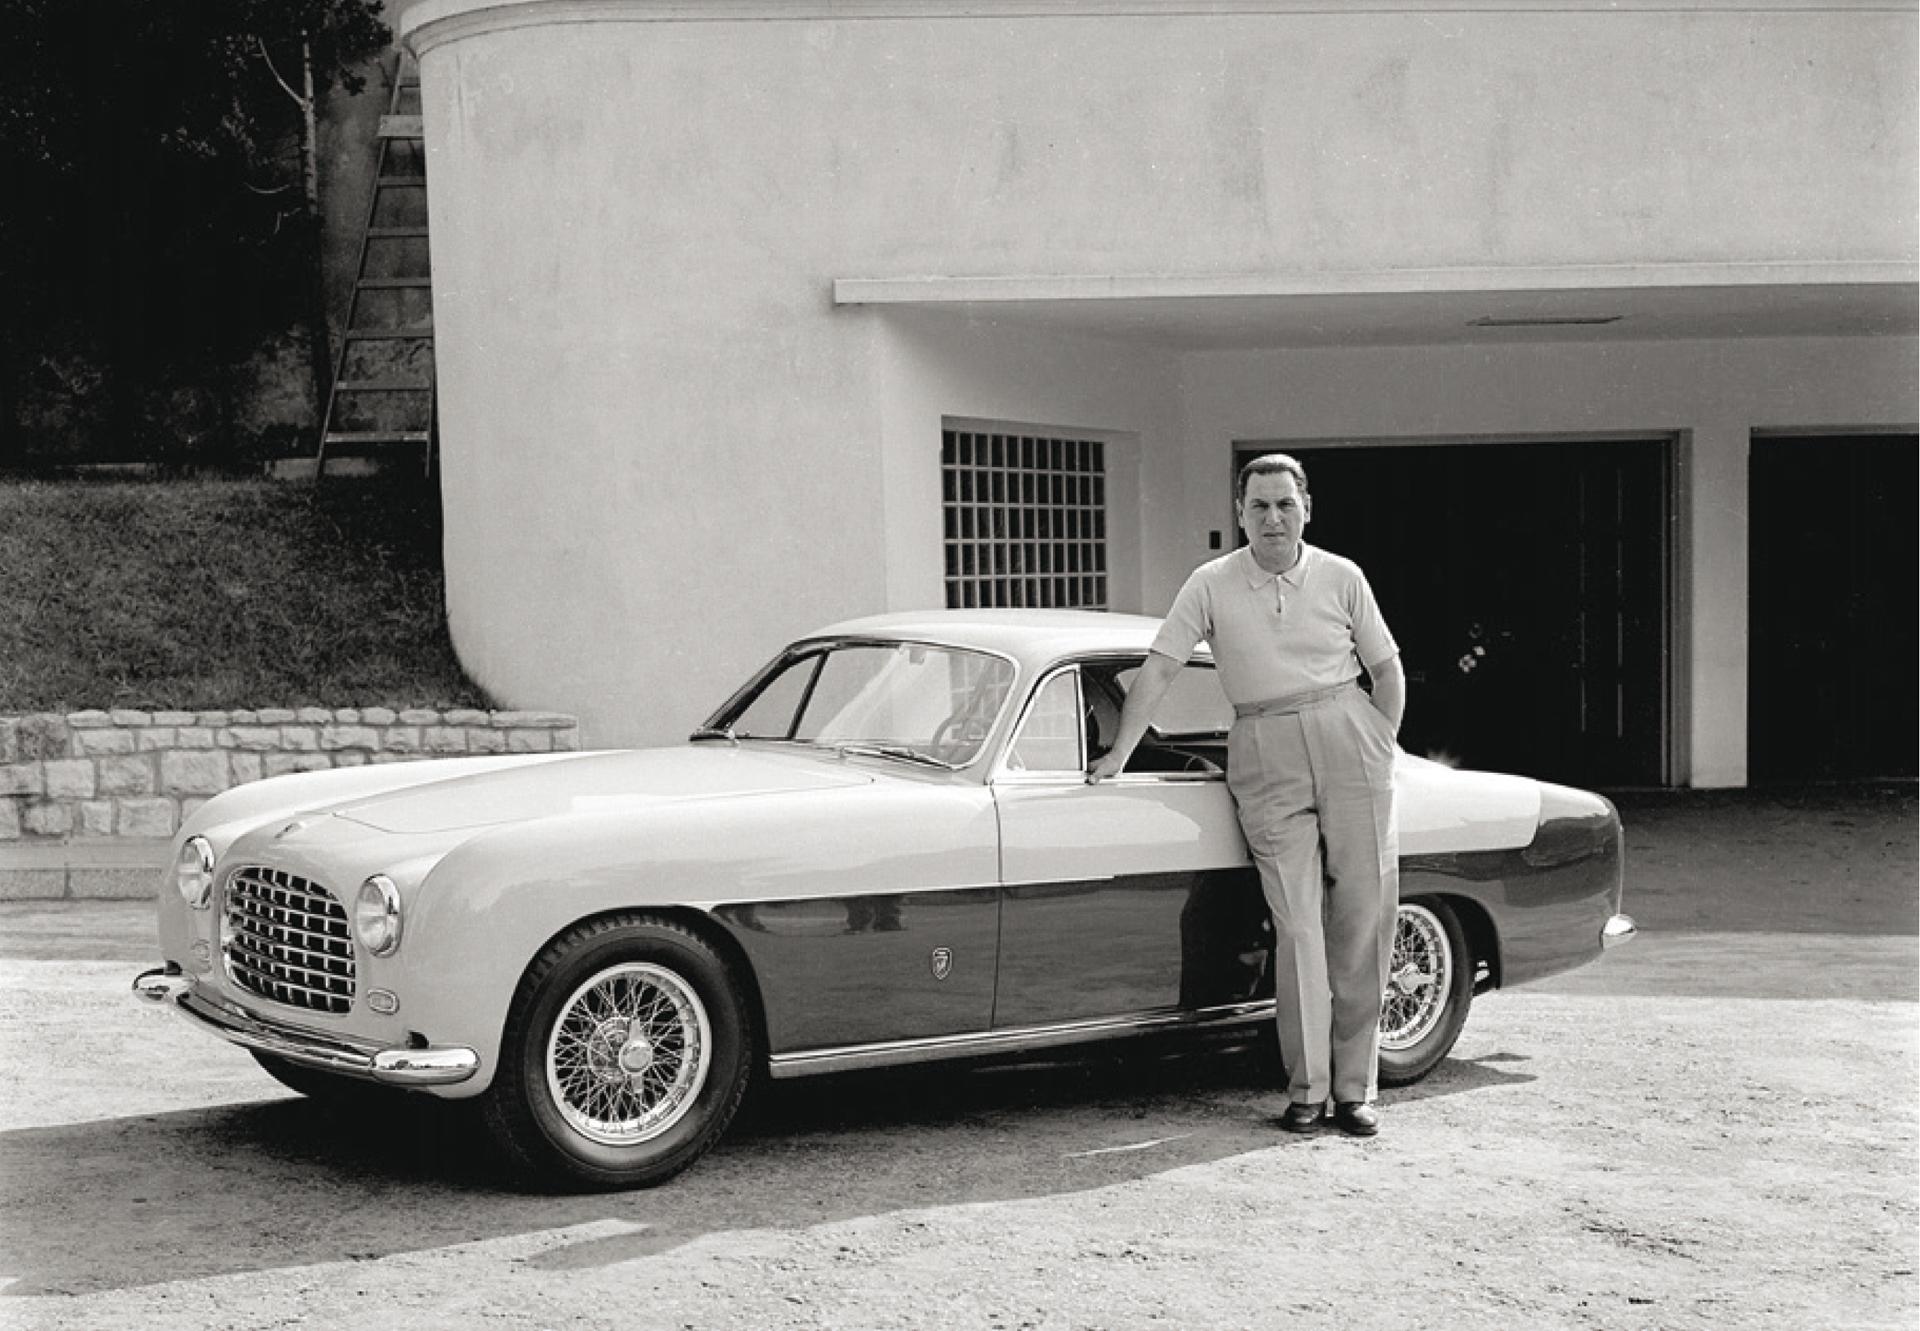 Otras fotografías son testimonio de momentos menos protocolares de la gestión presidencial de Juan Domingo Perón.